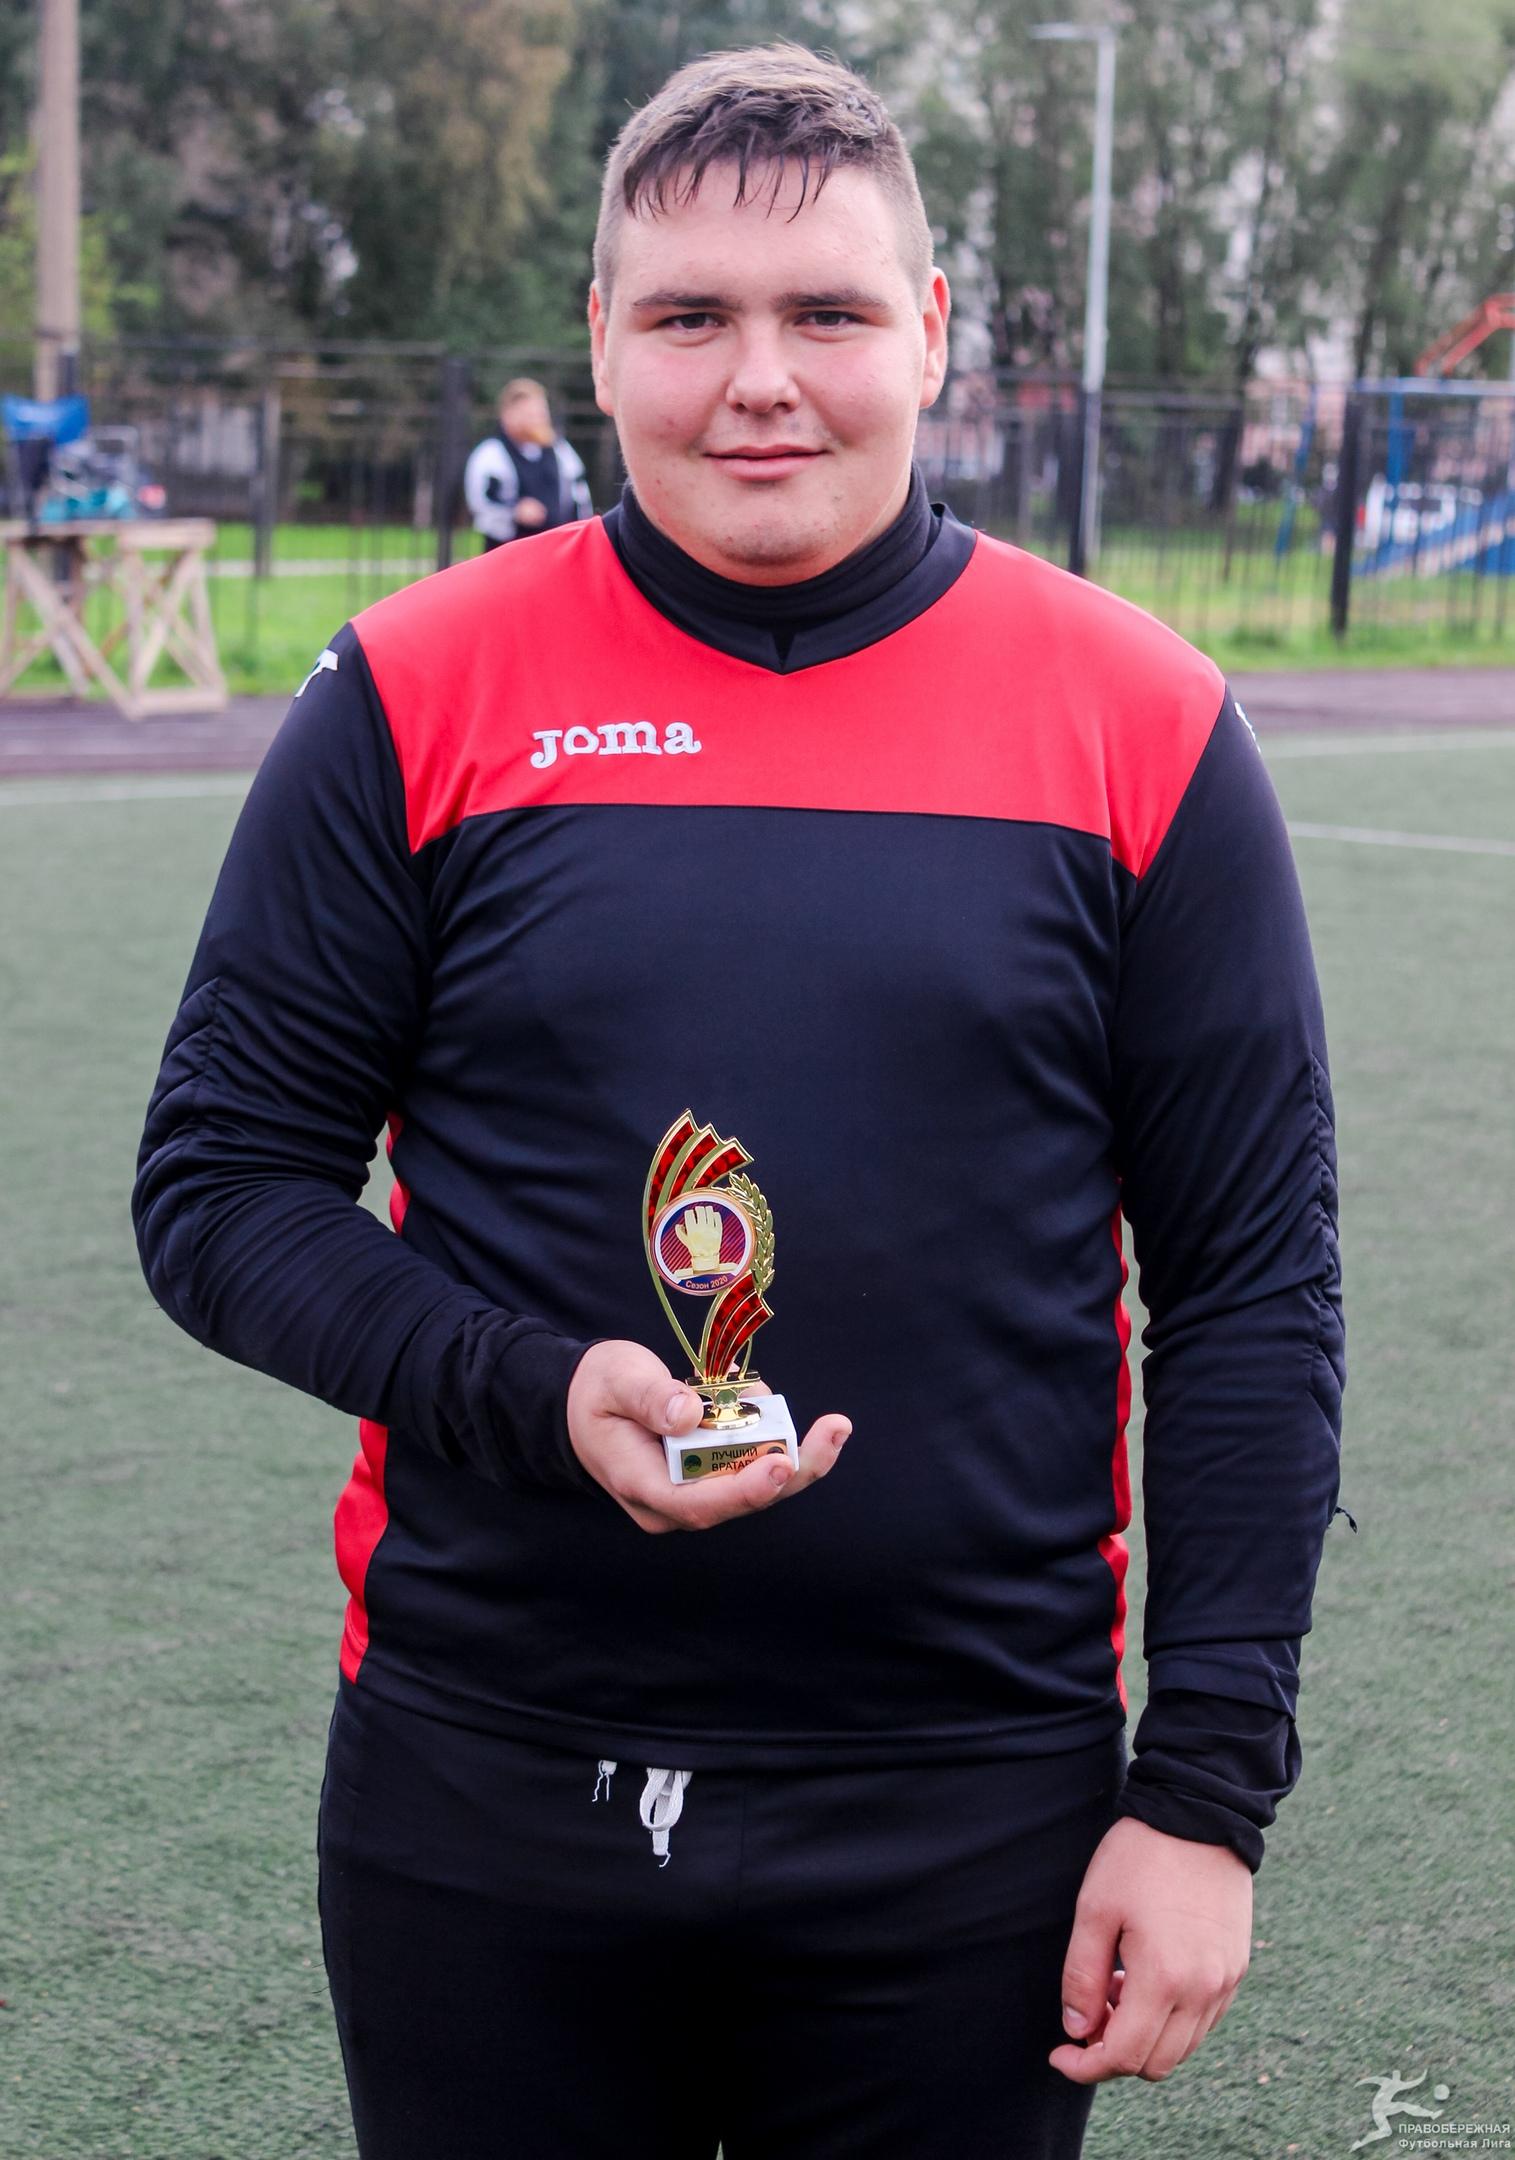 Дмитрий Смирнов (Пэрадайз) - лучший вратарь 19-го Открытого кубка 6x6.